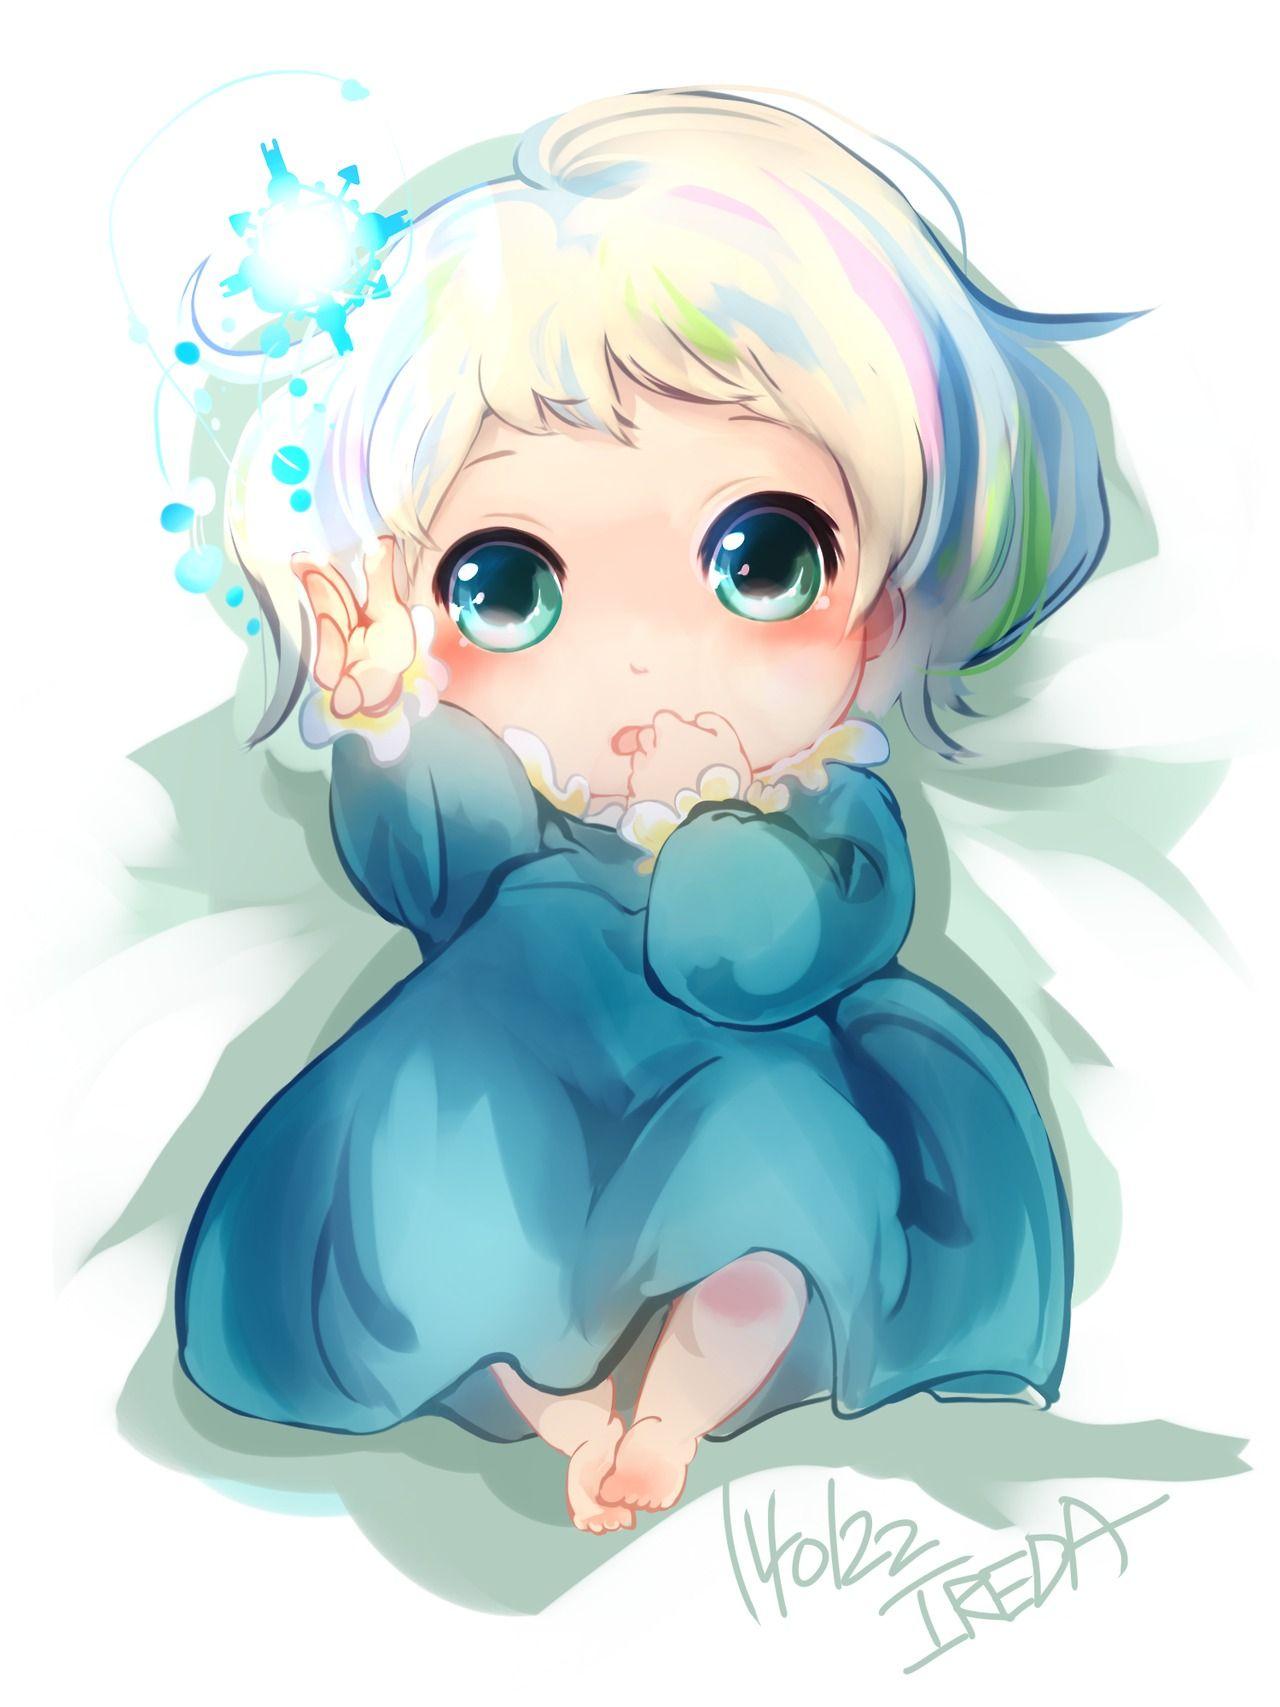 赤ちゃん エルサ by IREDA on pixiv